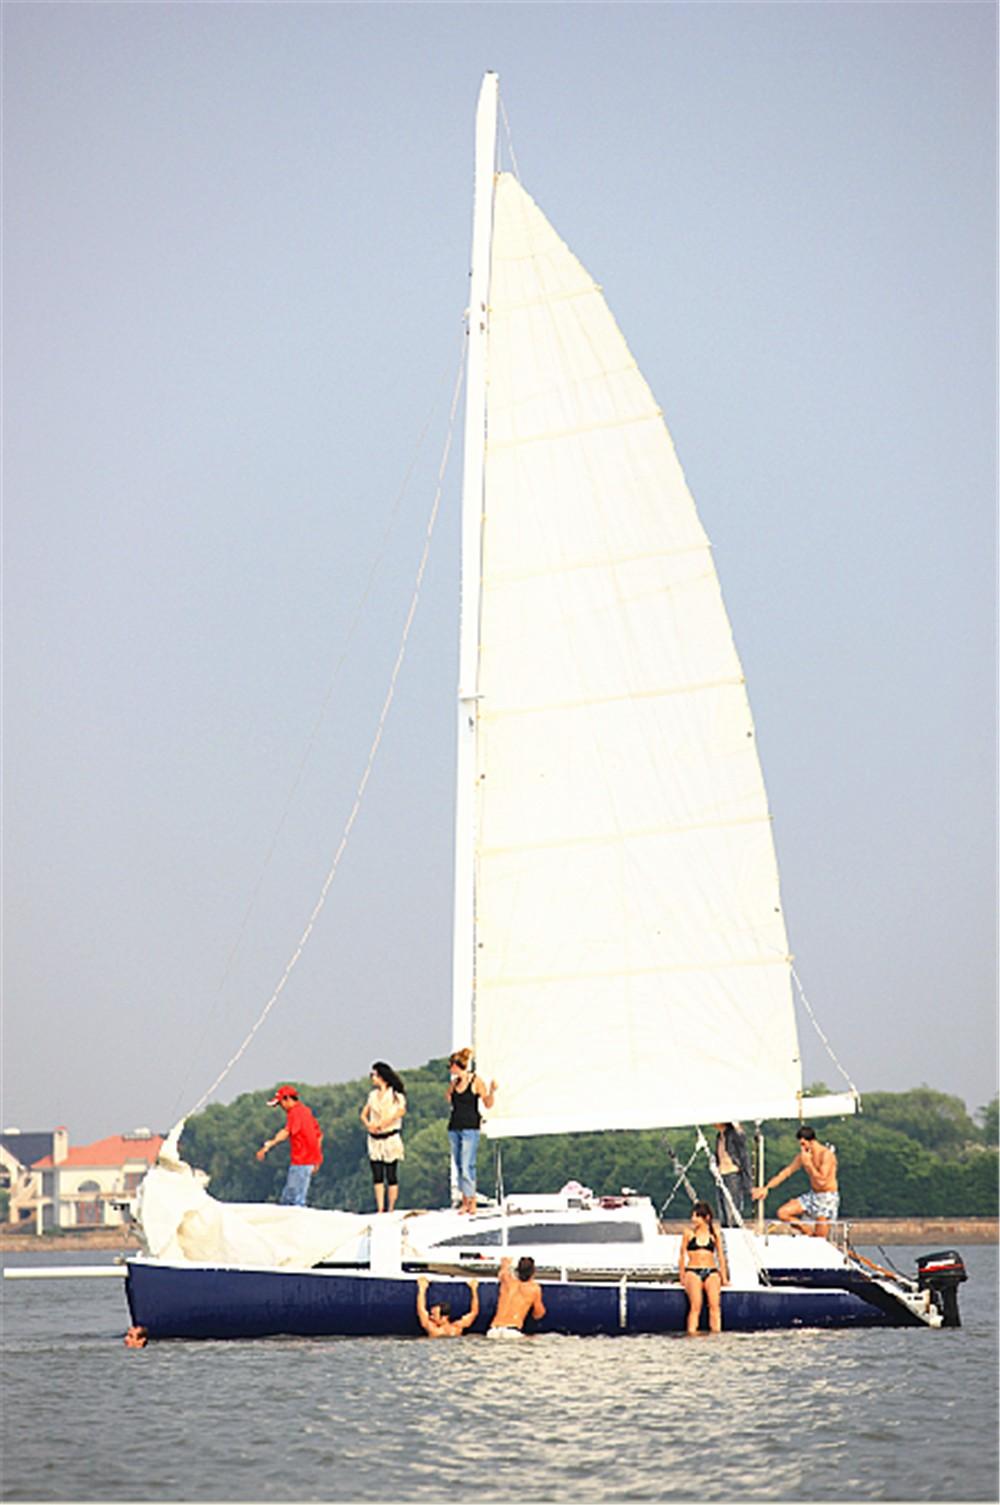 下水,随时,全新,要的,航行 全新二手国产三体29尺帆船 航行图网络 223414w06gkkqk7k67b74k